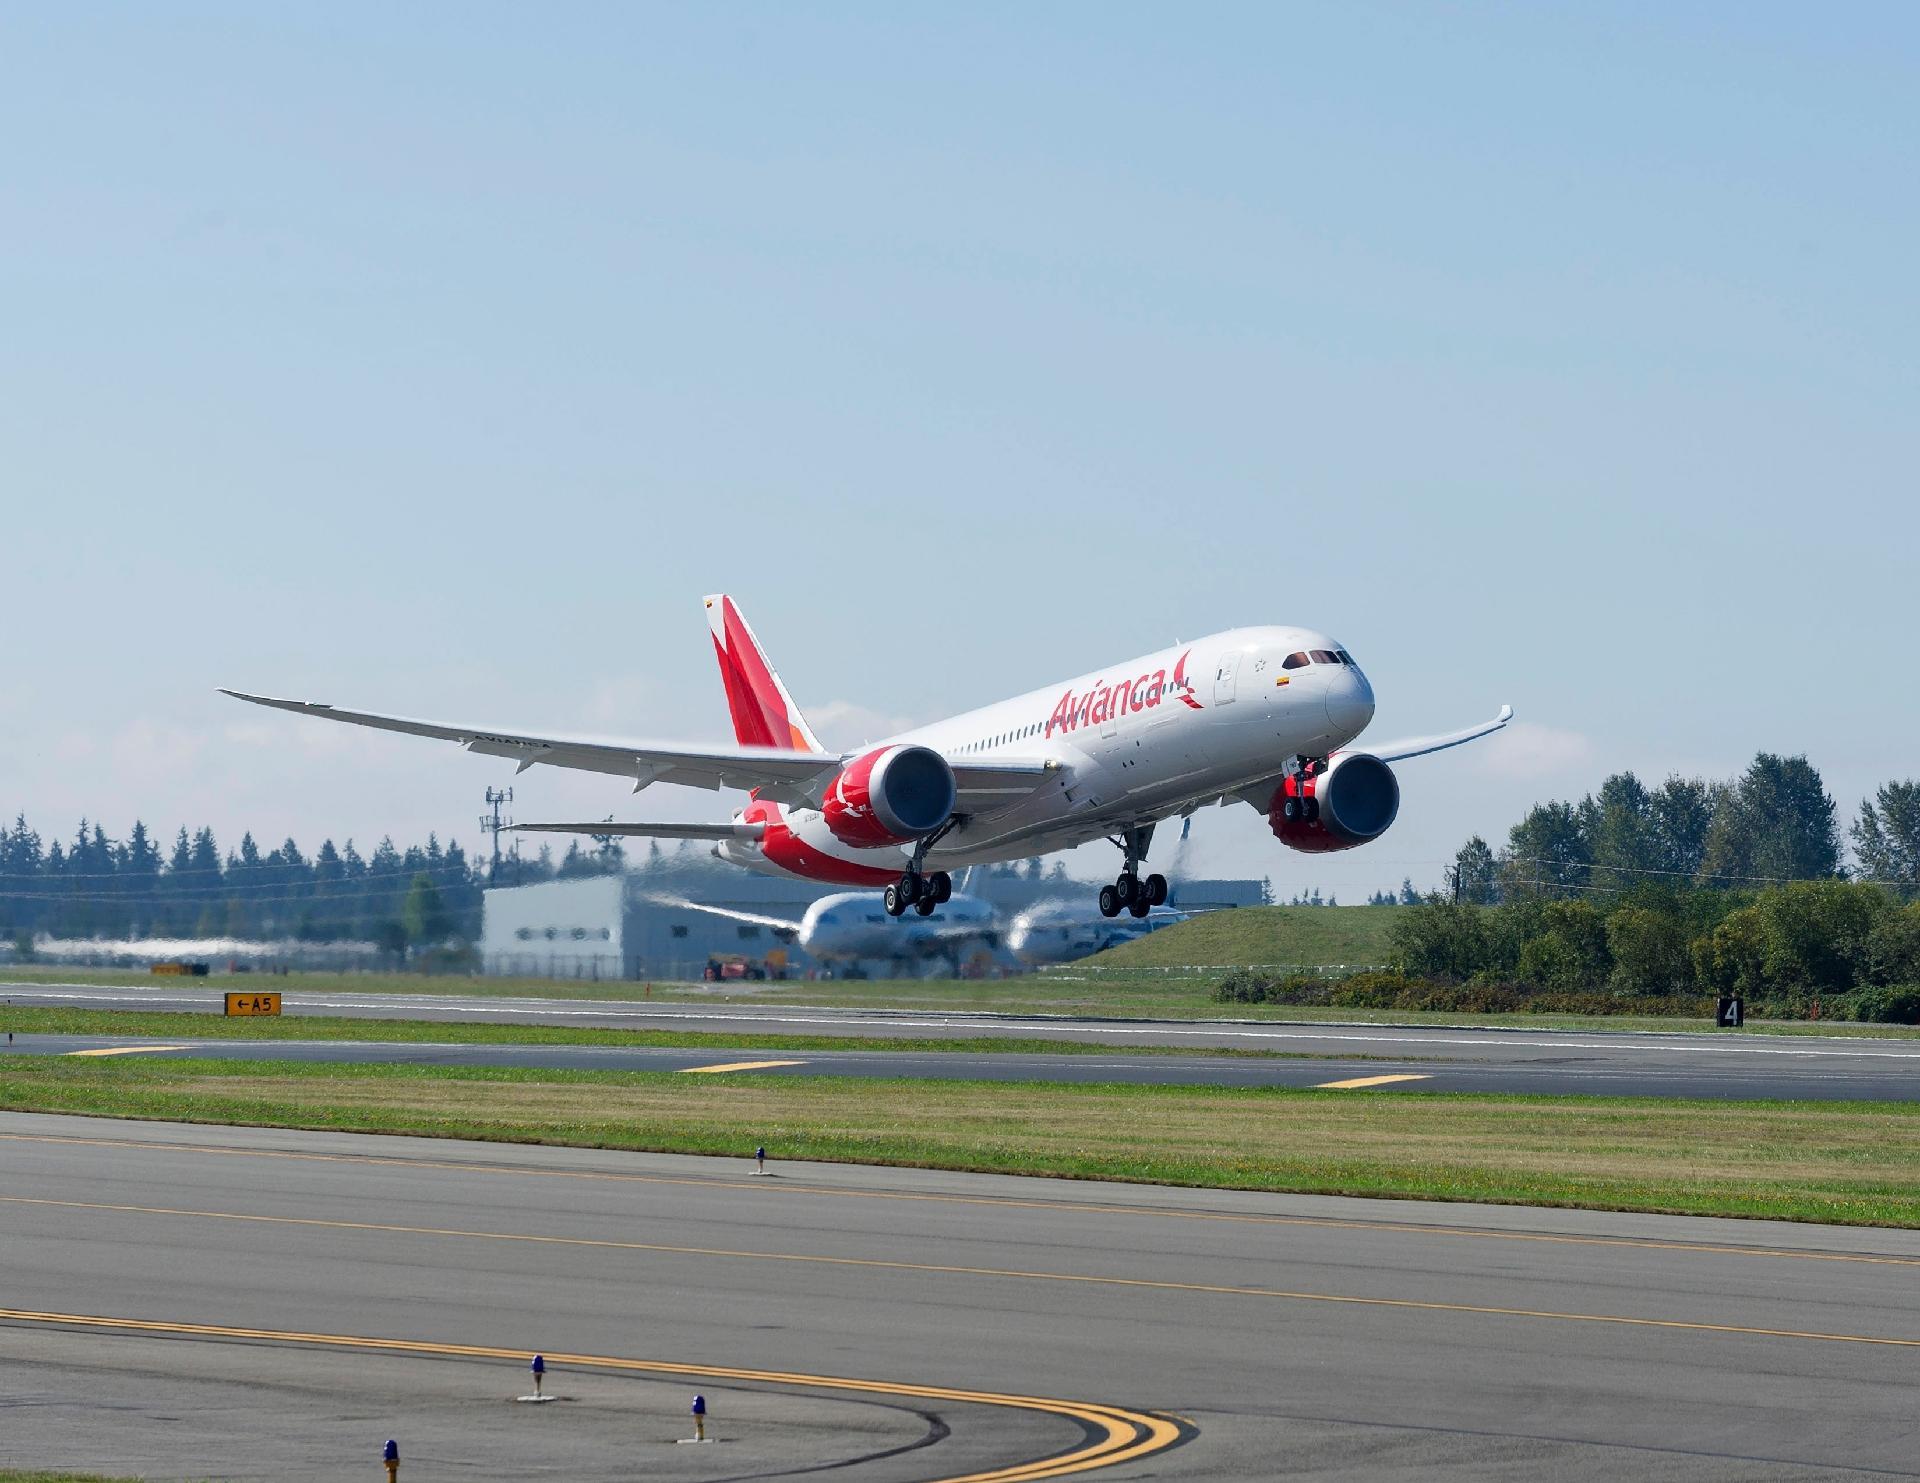 17e6f9c84f687 Voos da Avianca Brasil operando normalmente após ordem judicial - 19 03 2019  - UOL Economia